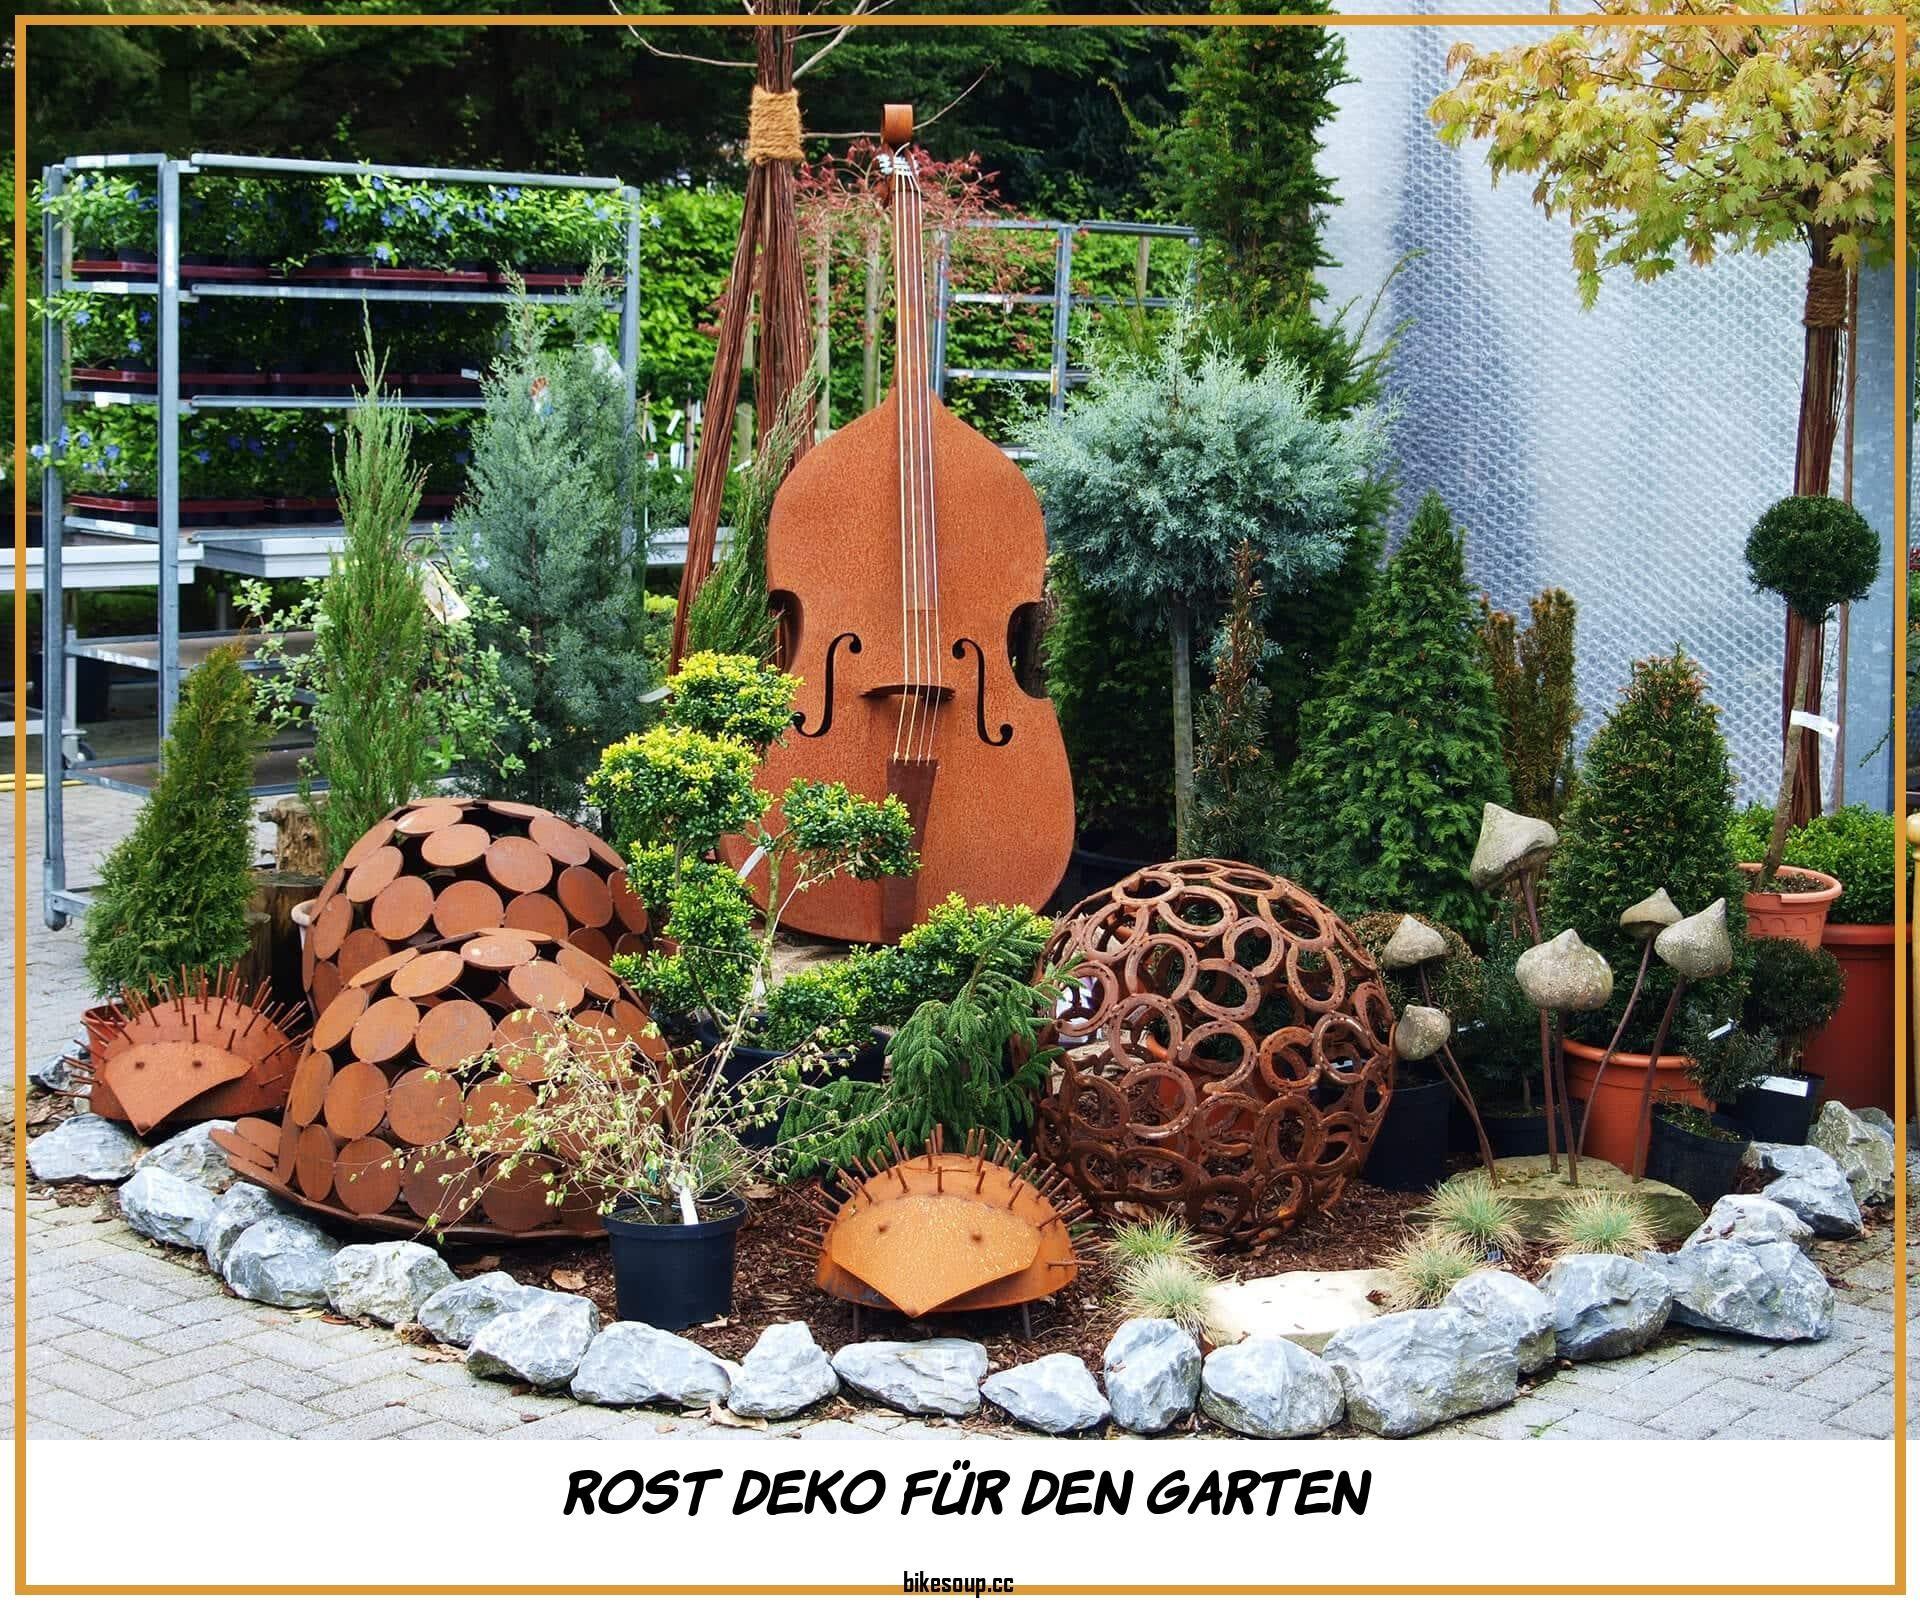 71 Elegant Rost Deko Fur Den Garten 71 Elegant Rost Deko Fur Den Garten Garten Deko Holzgitter Gartendeko Rost